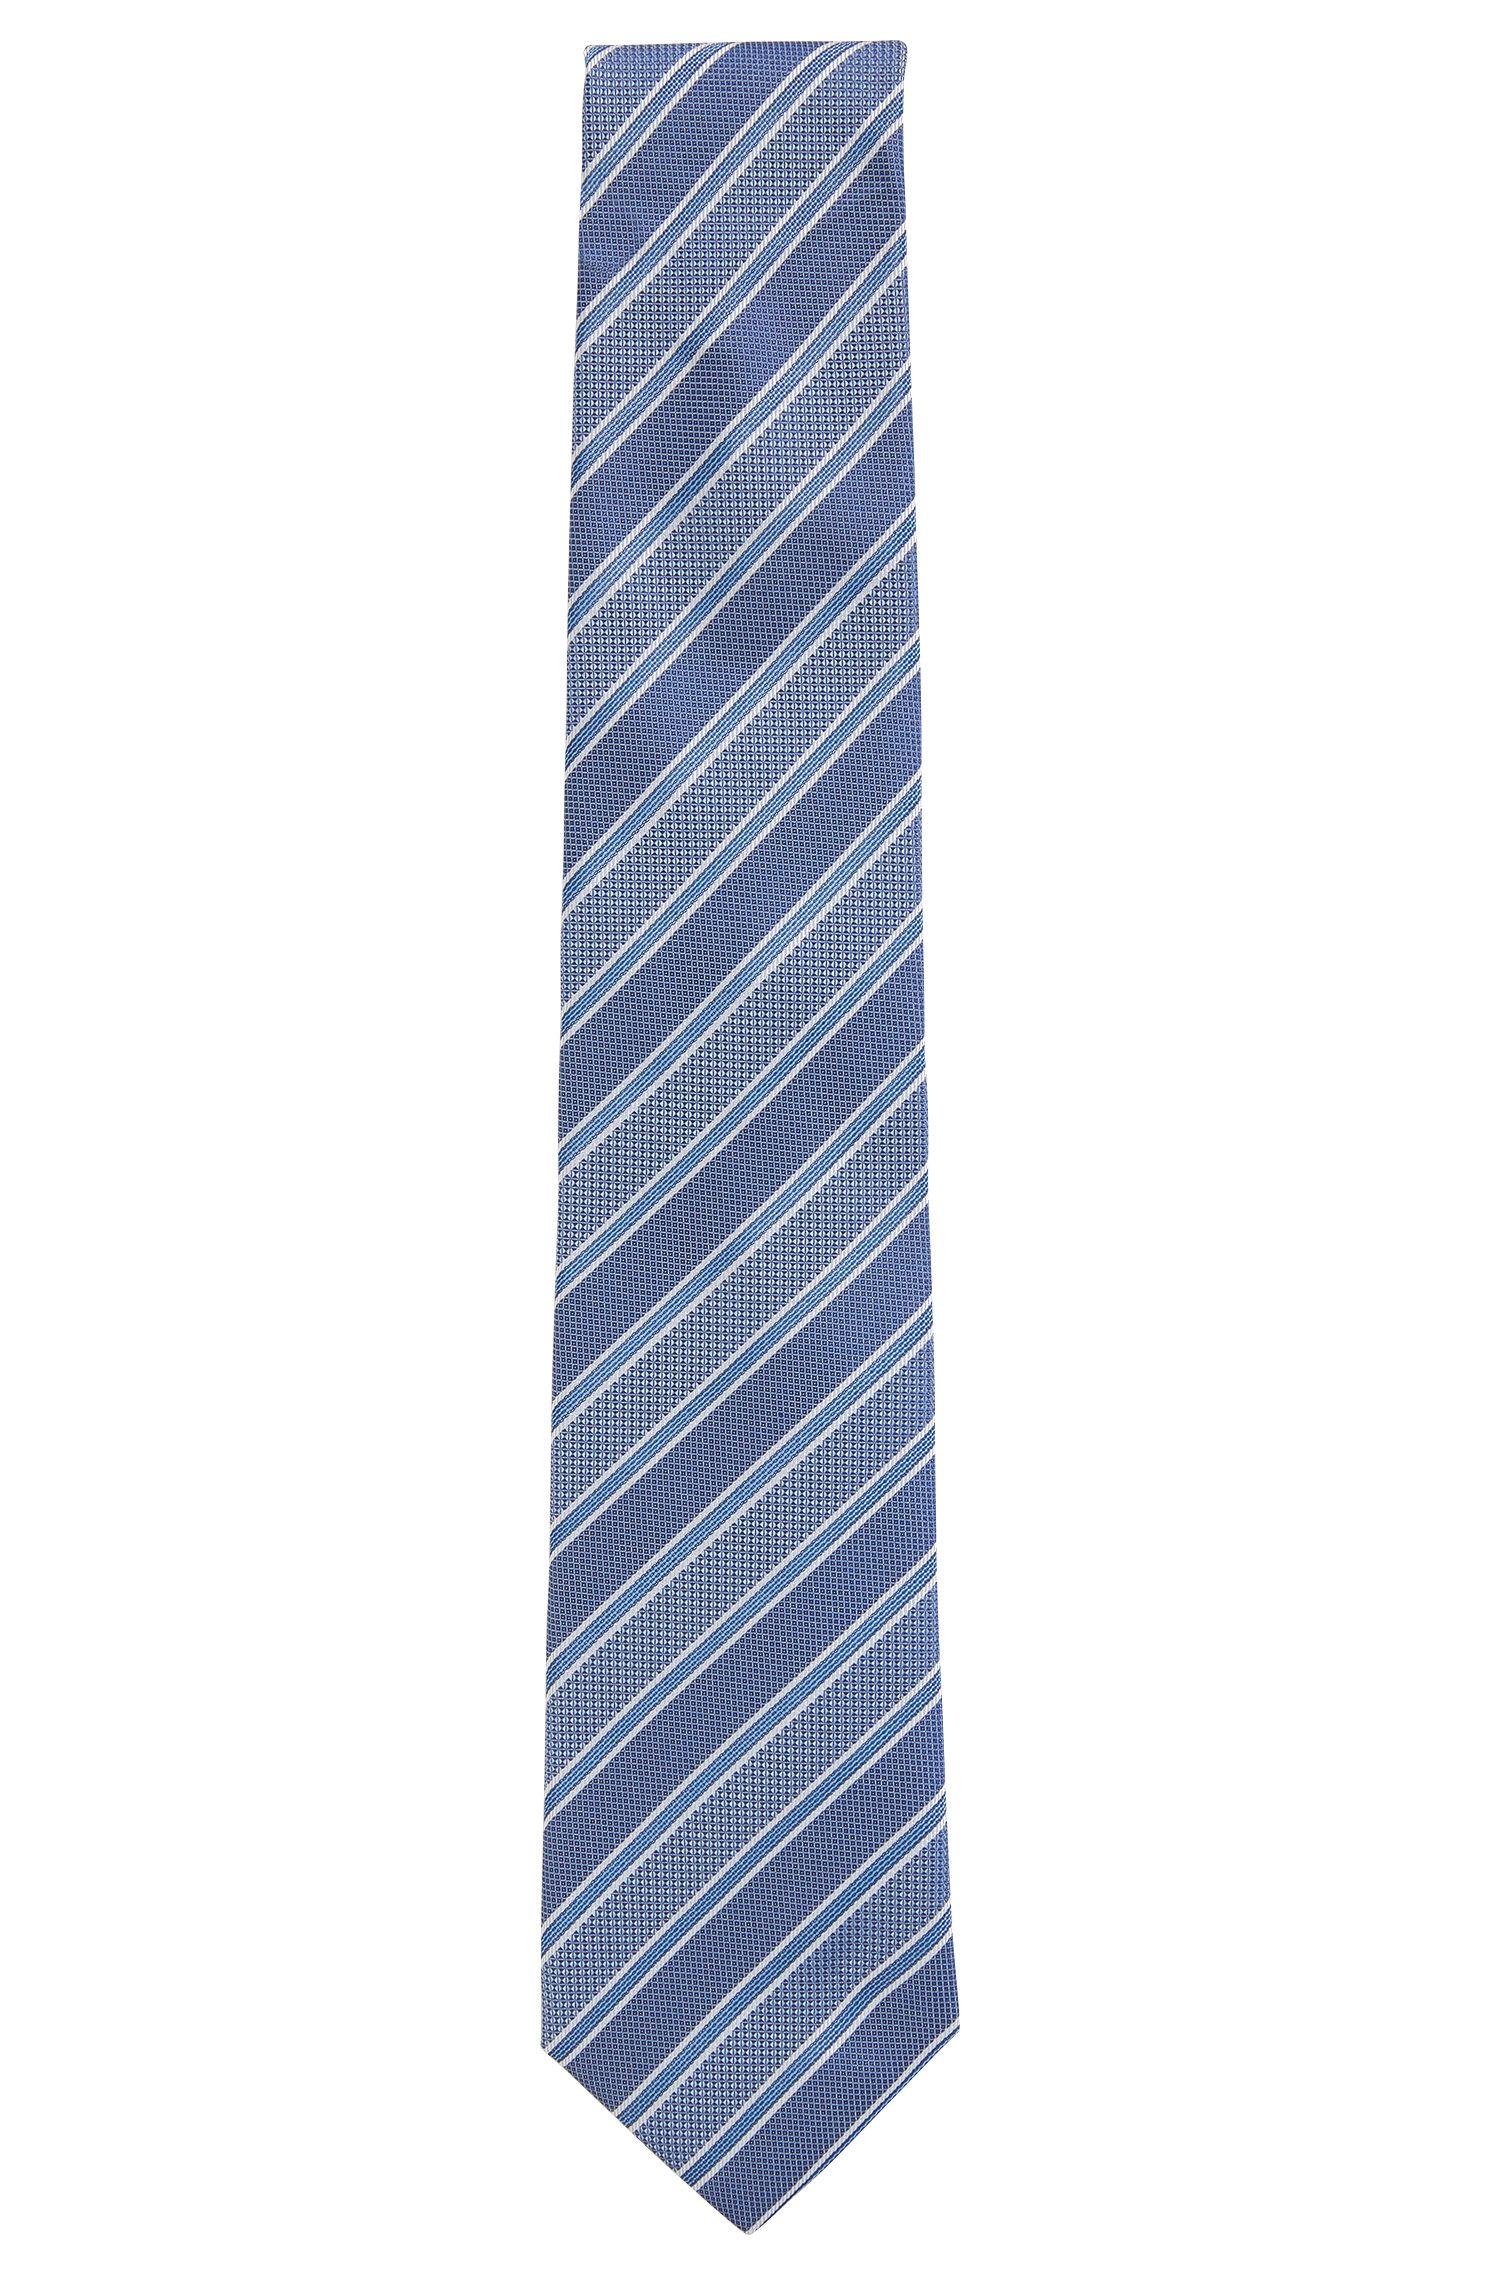 Krawatte aus italienischem Seiden-Jacquard mit diagonalen Streifen